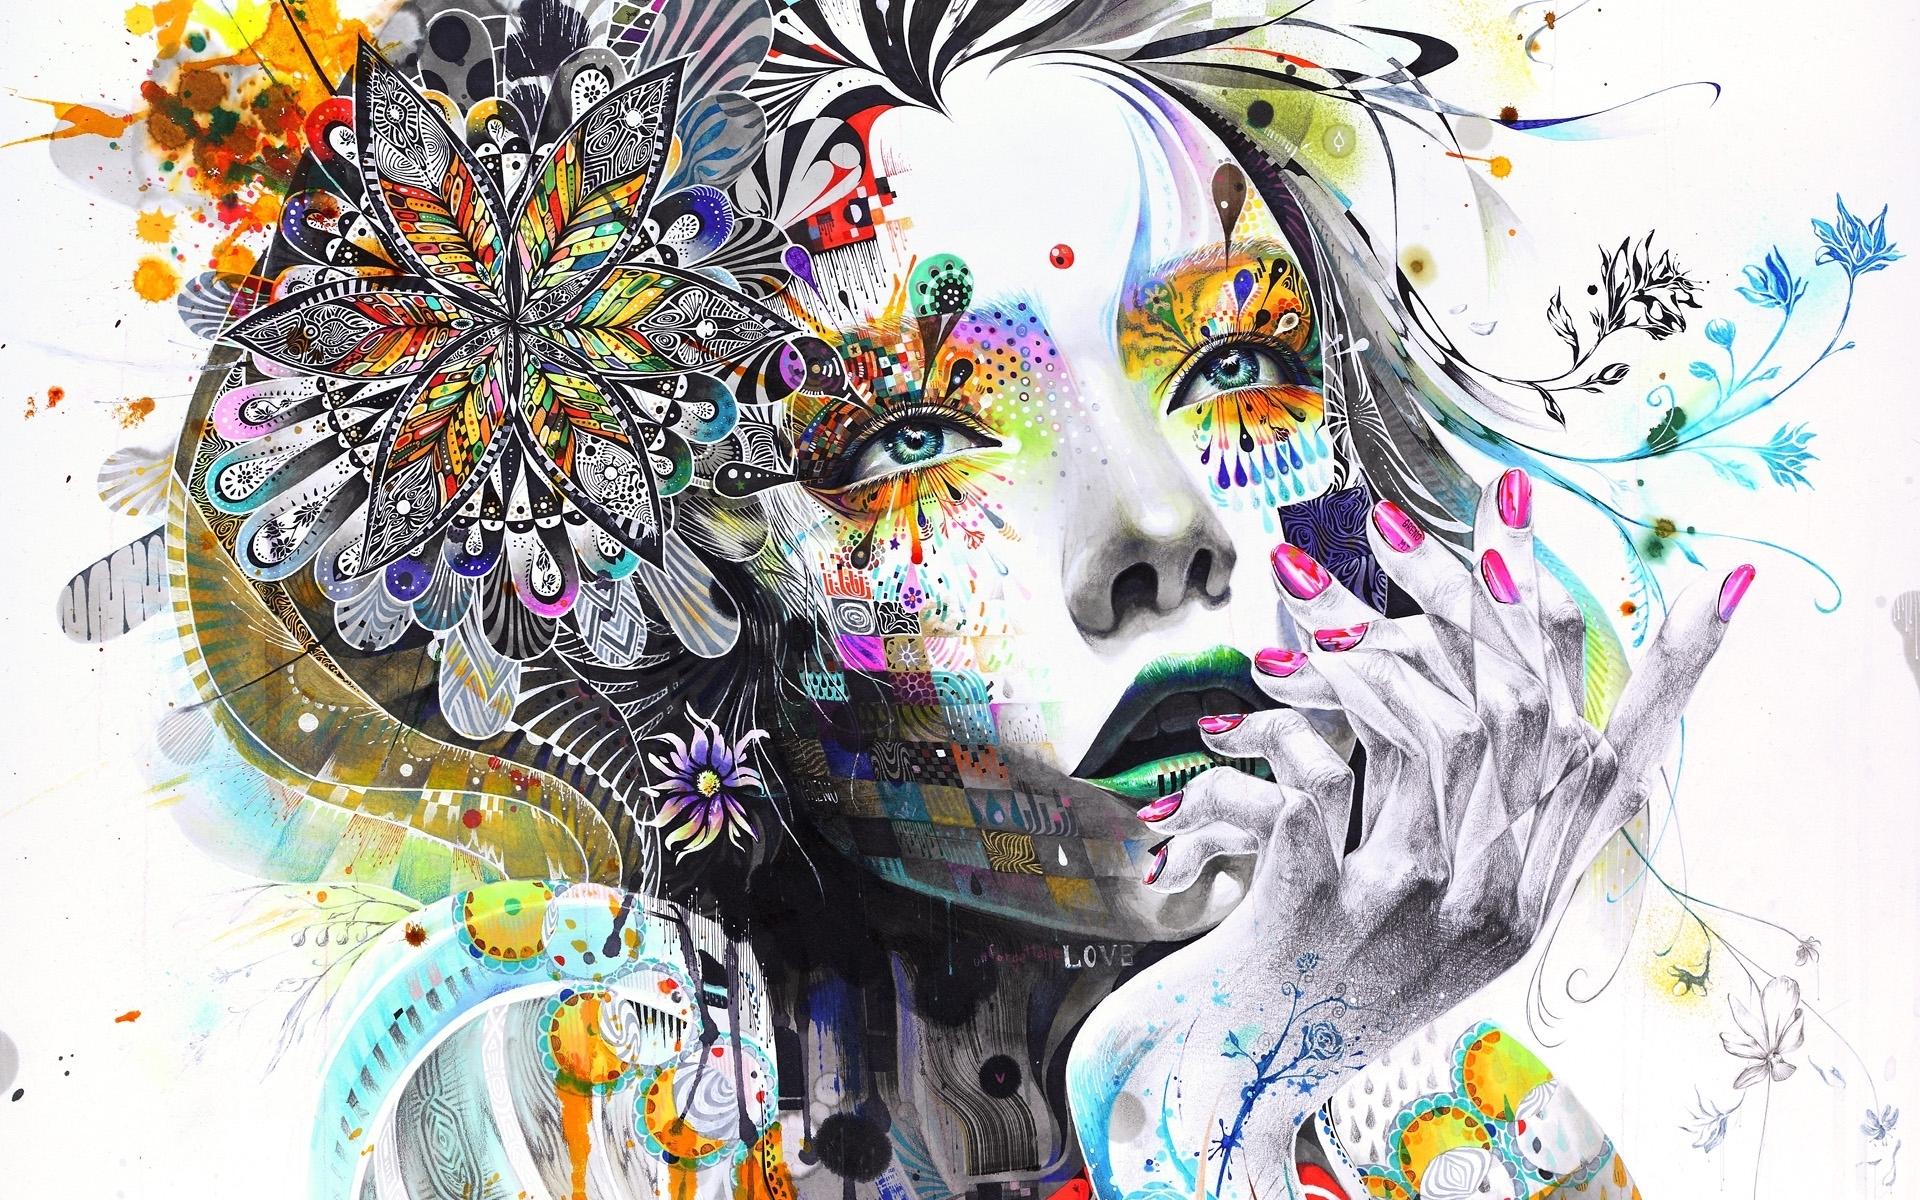 абстракция, картина, девушка